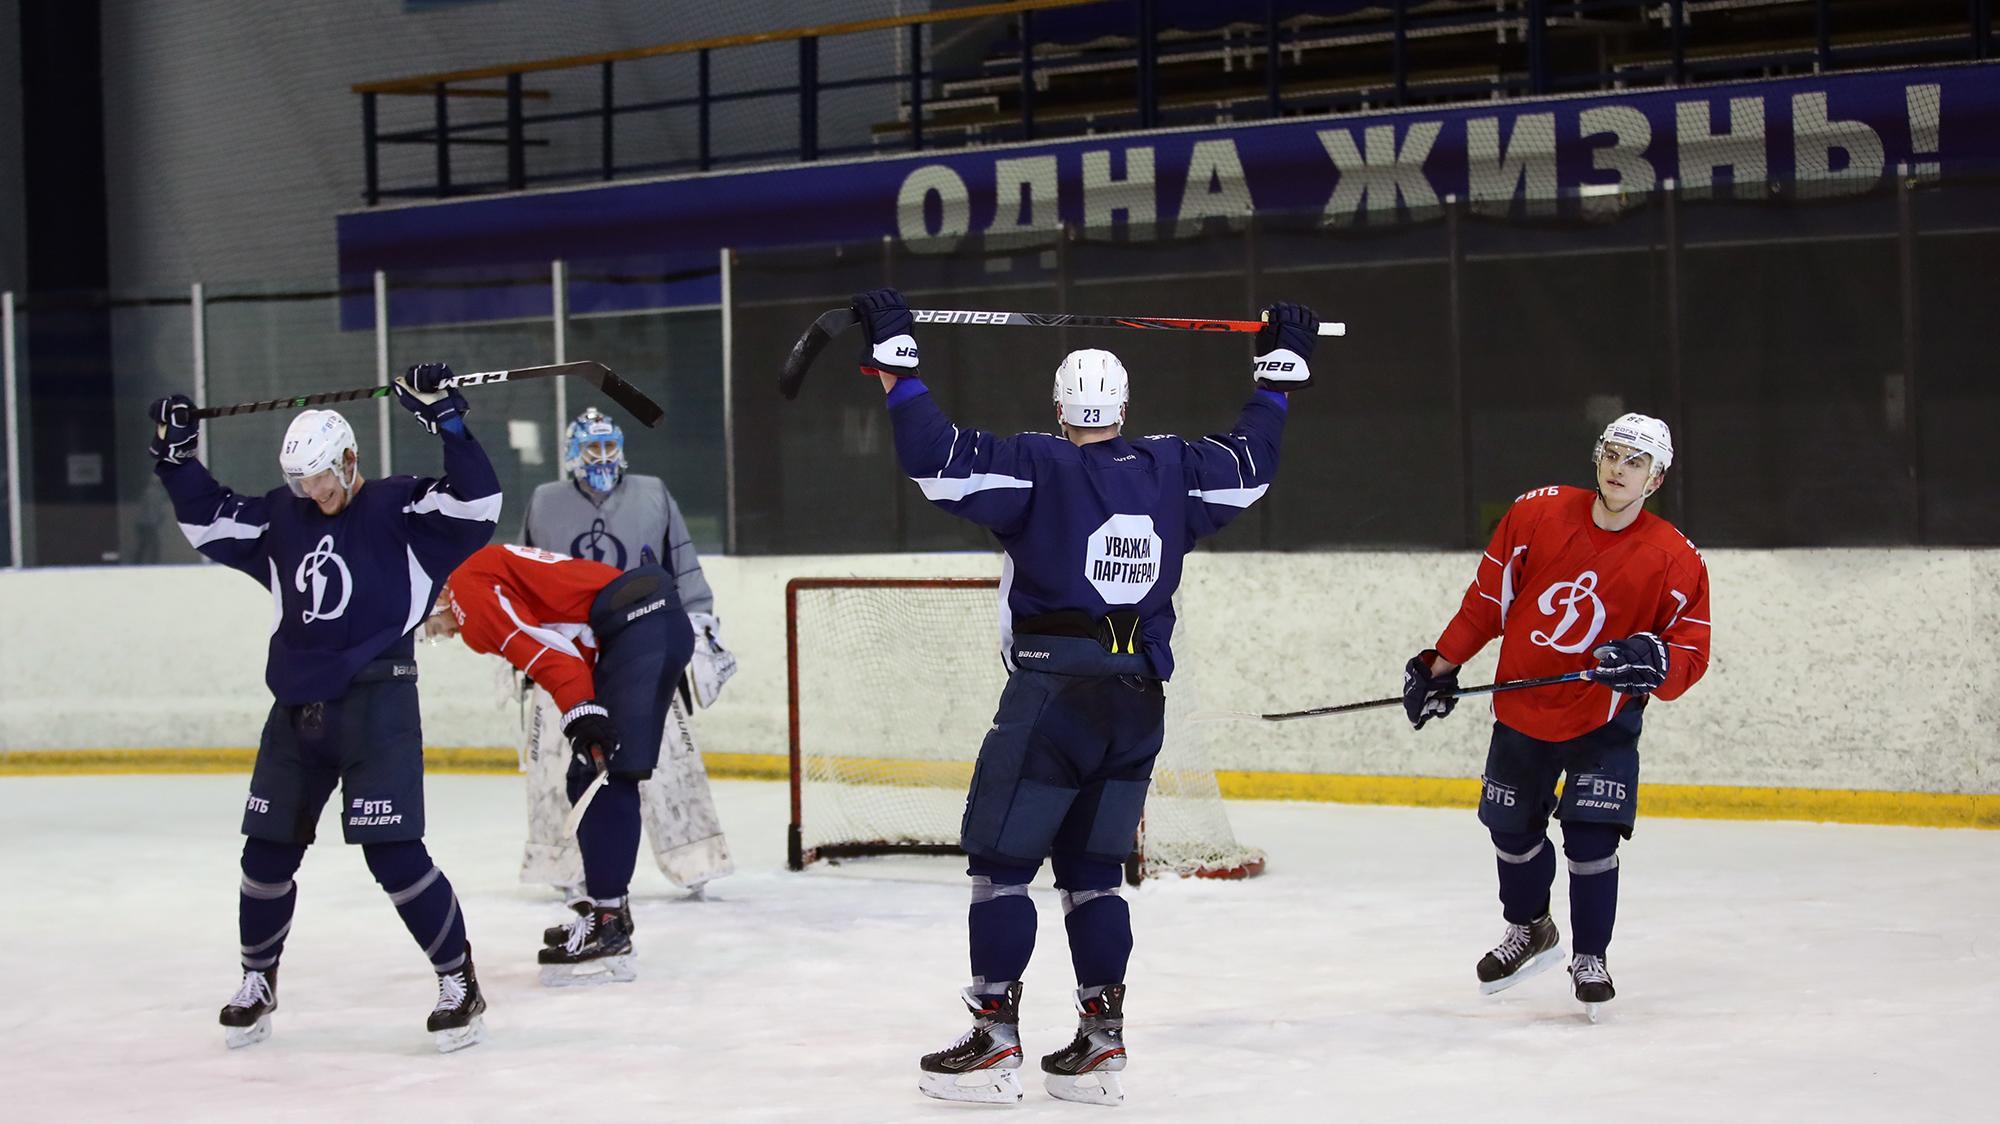 """Фото © Пресс-служба ХК """"Динамо"""" Москва"""